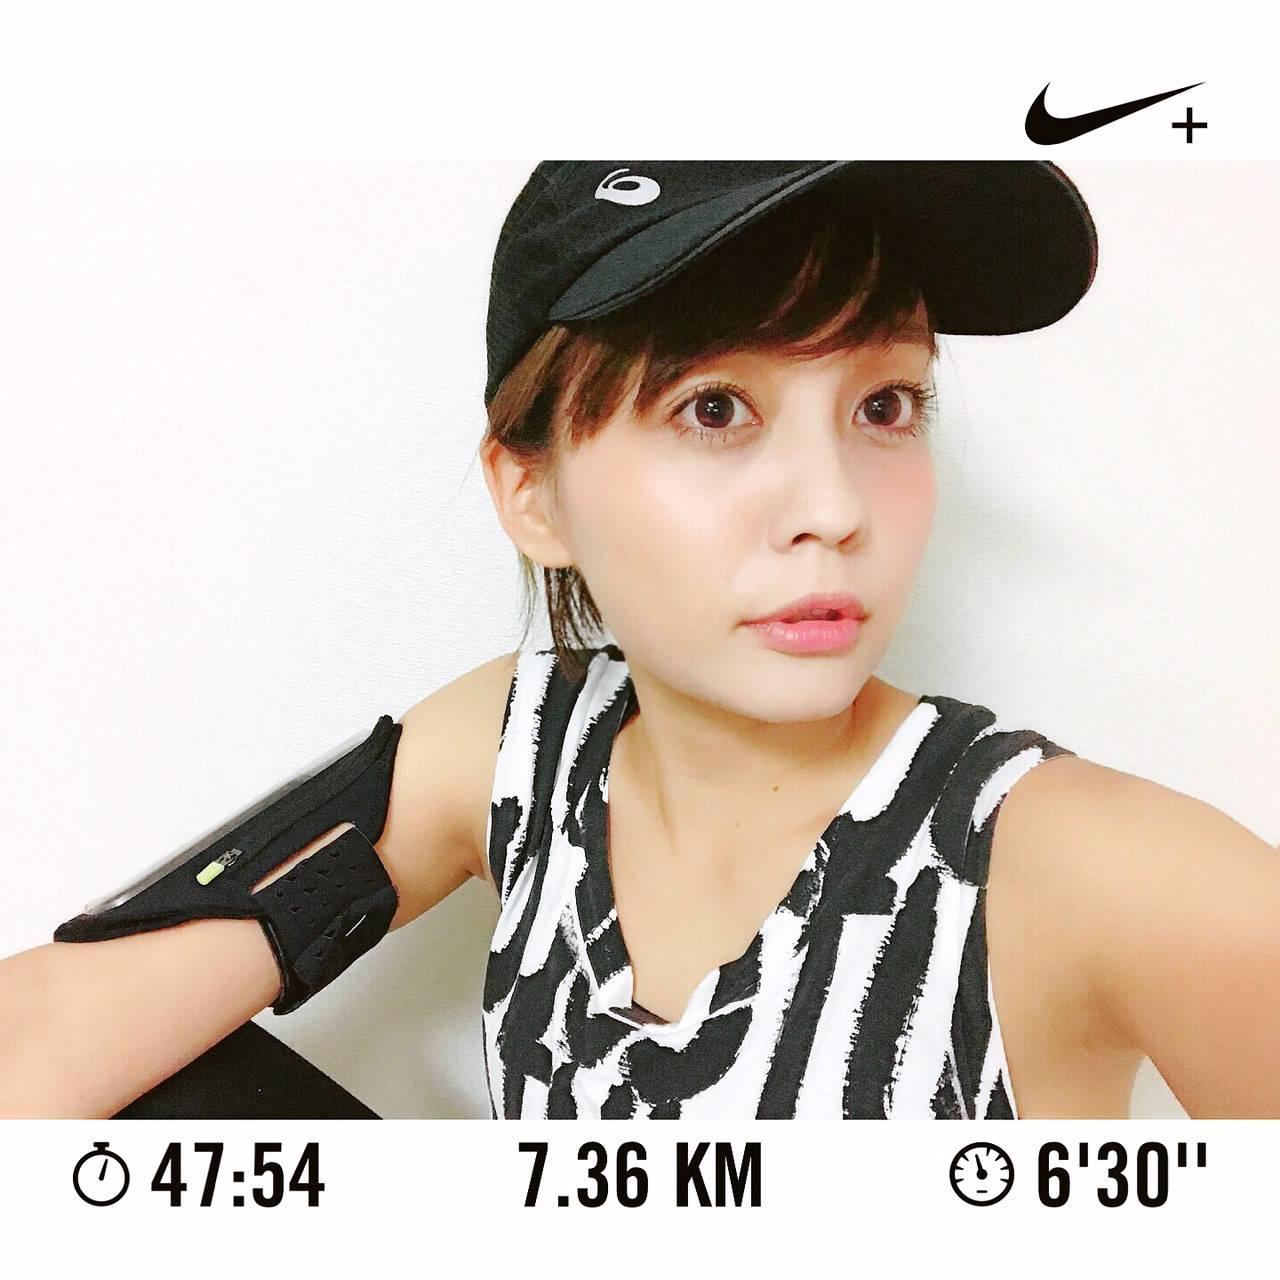 【蛭井千夏のスタイリング提案】最近、ランニングにハマってます♪